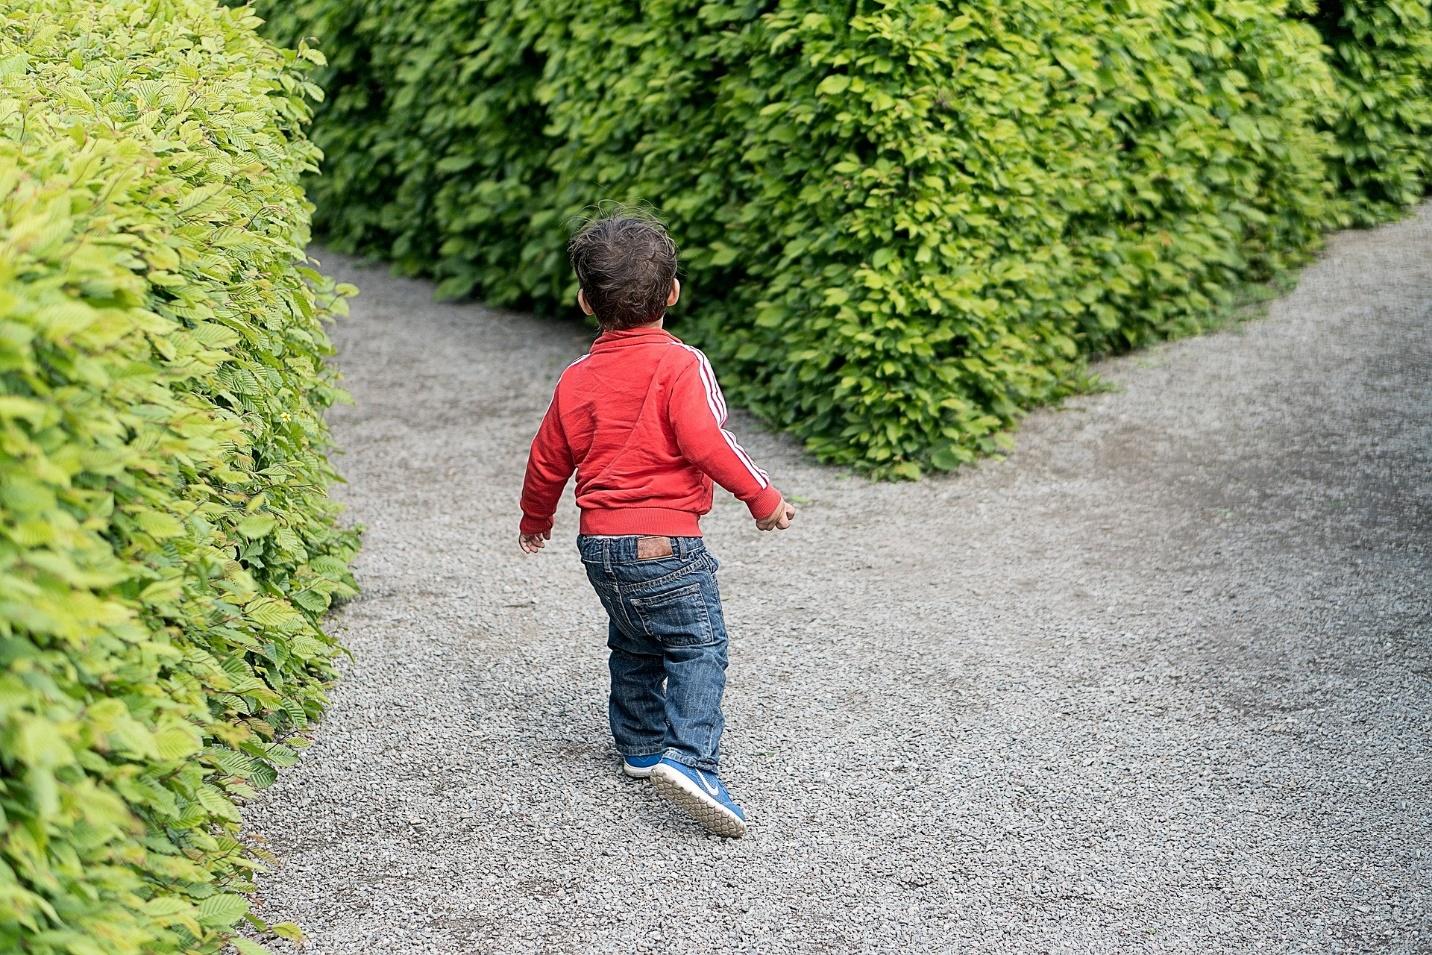 Boy running in a maze